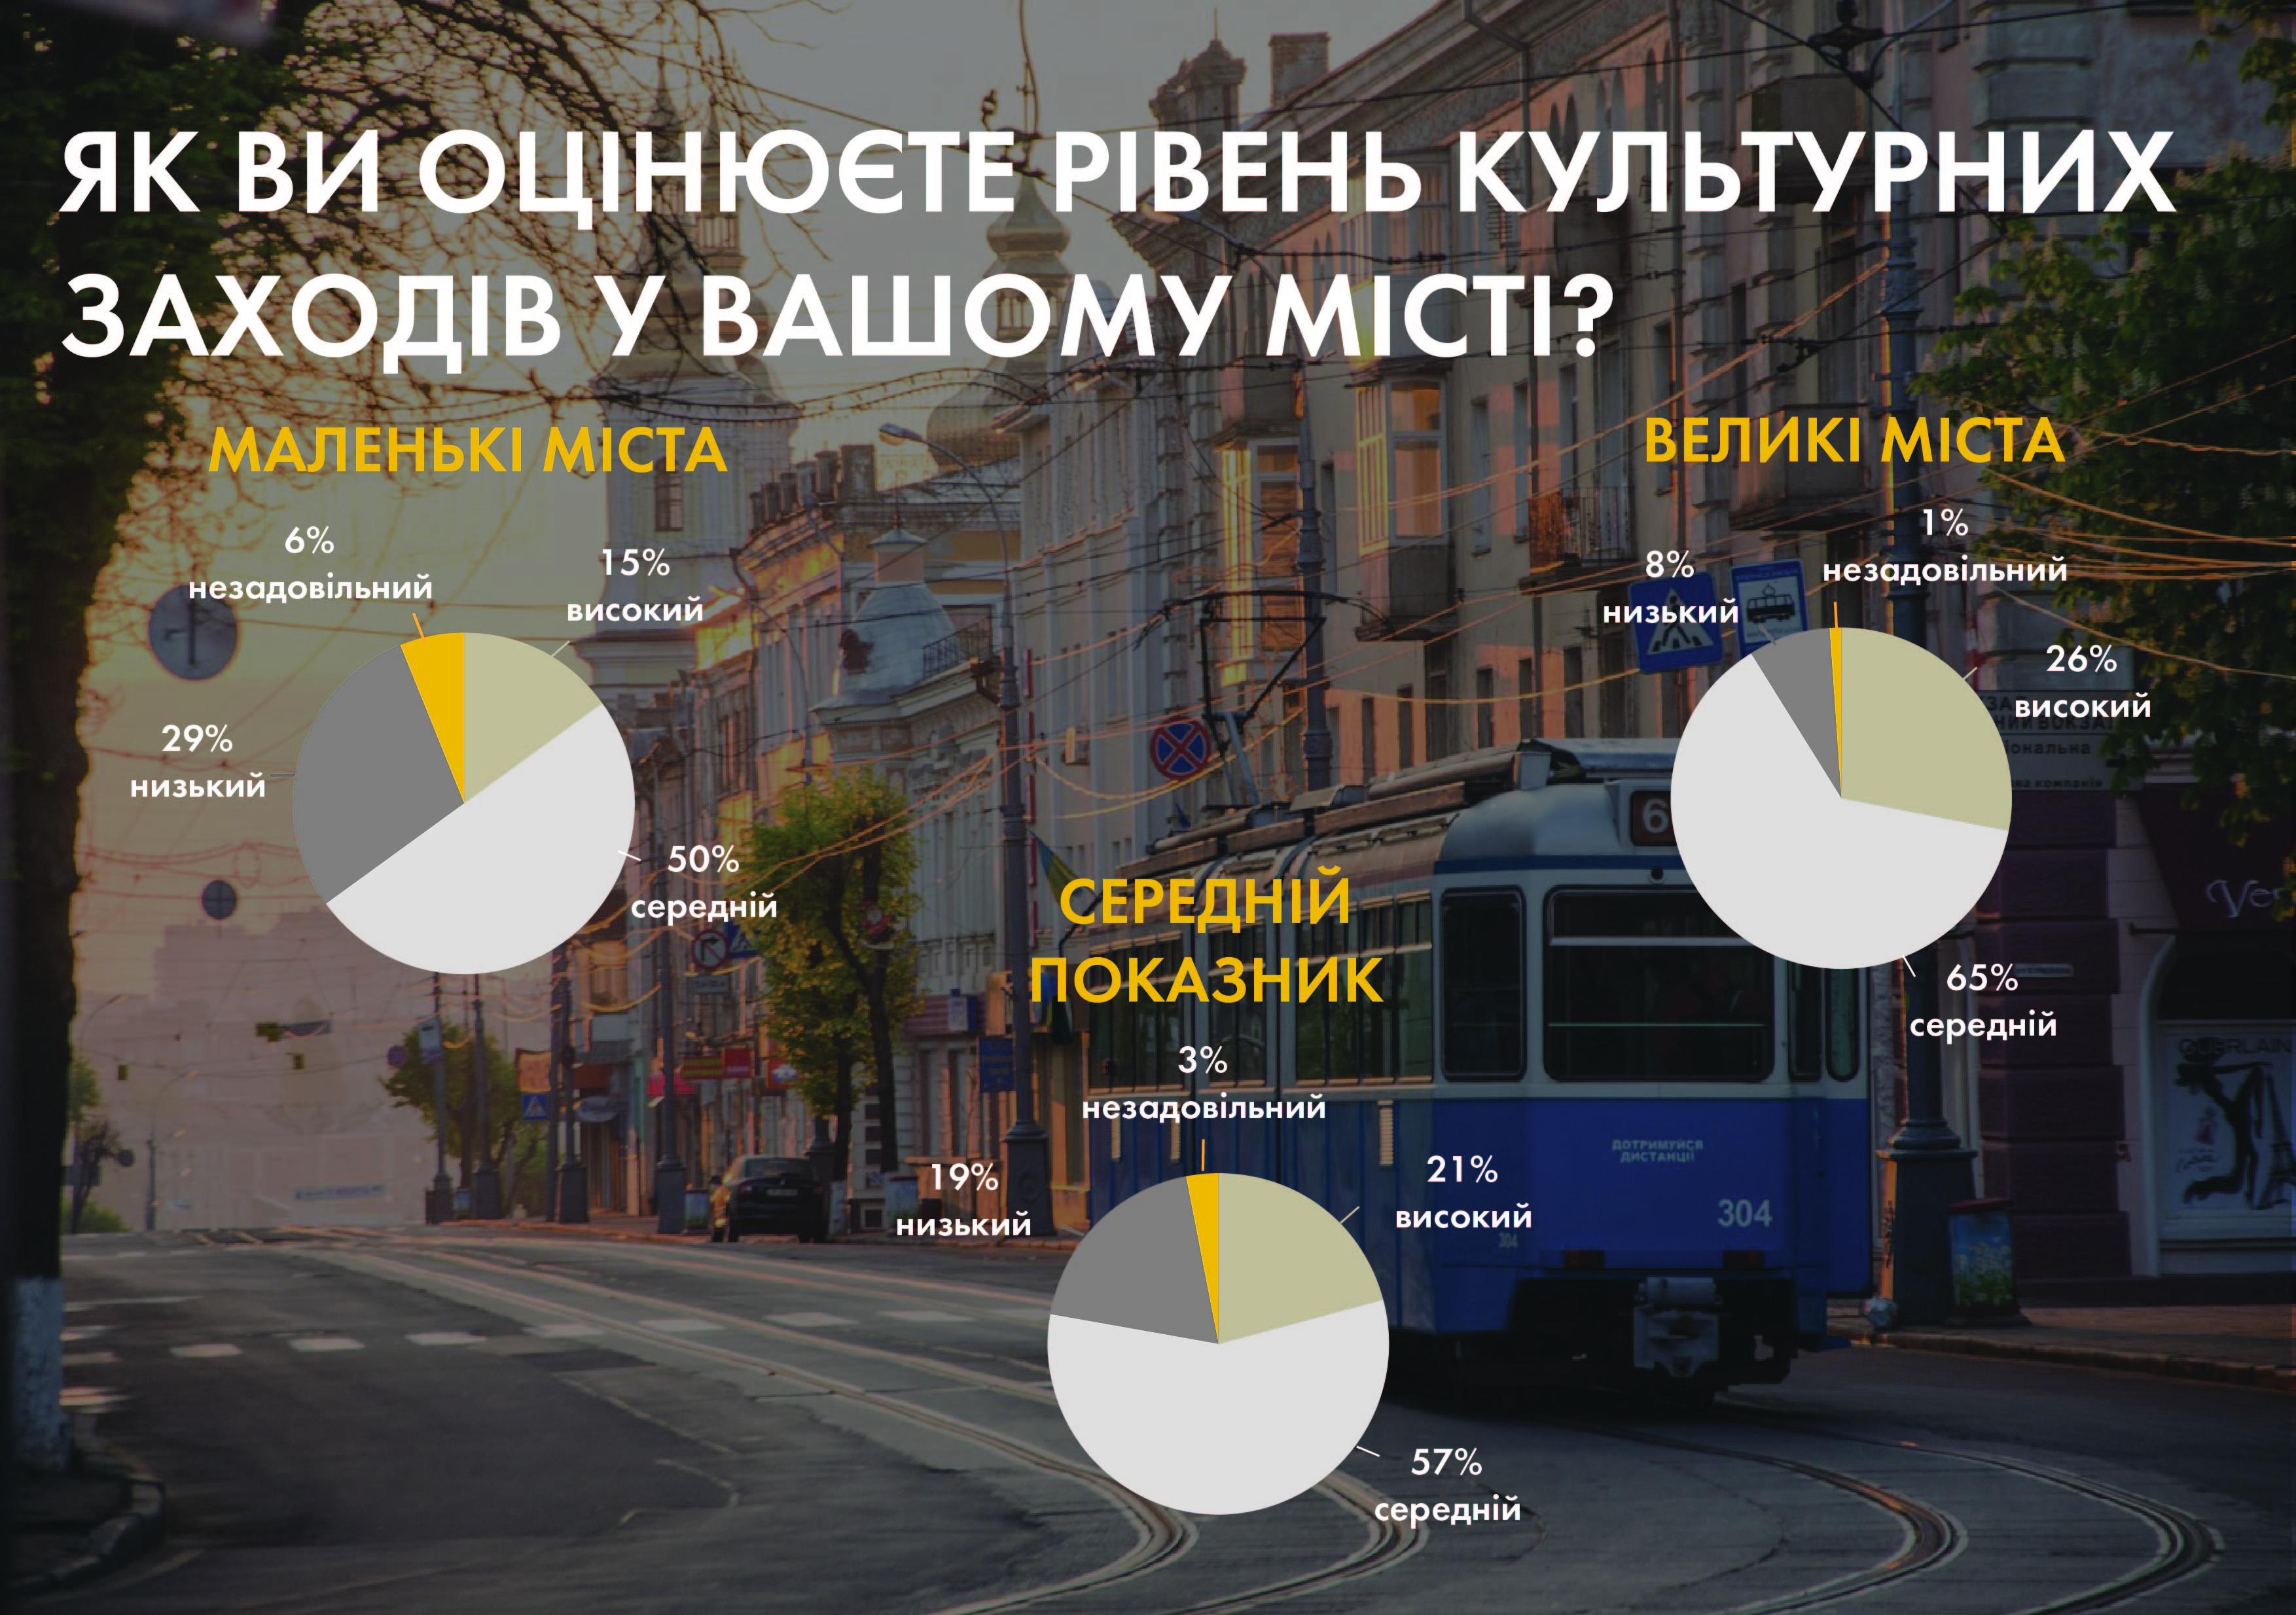 Лише 21% українців задоволені рівнем культури у своєму місті - фото 1